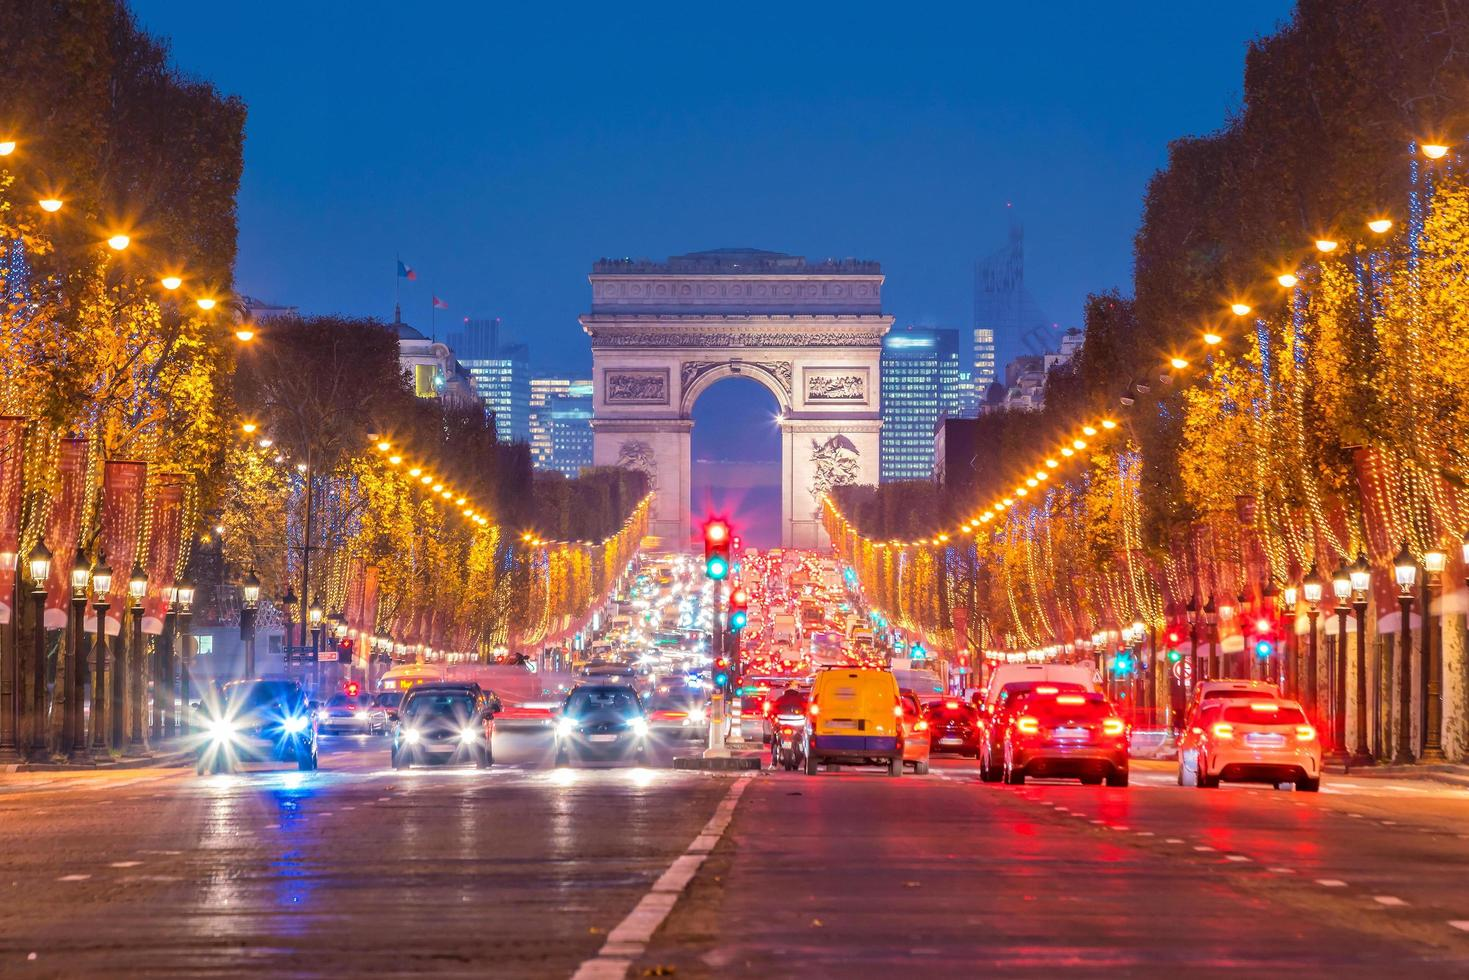 Arc de Triumph in Paris, France photo